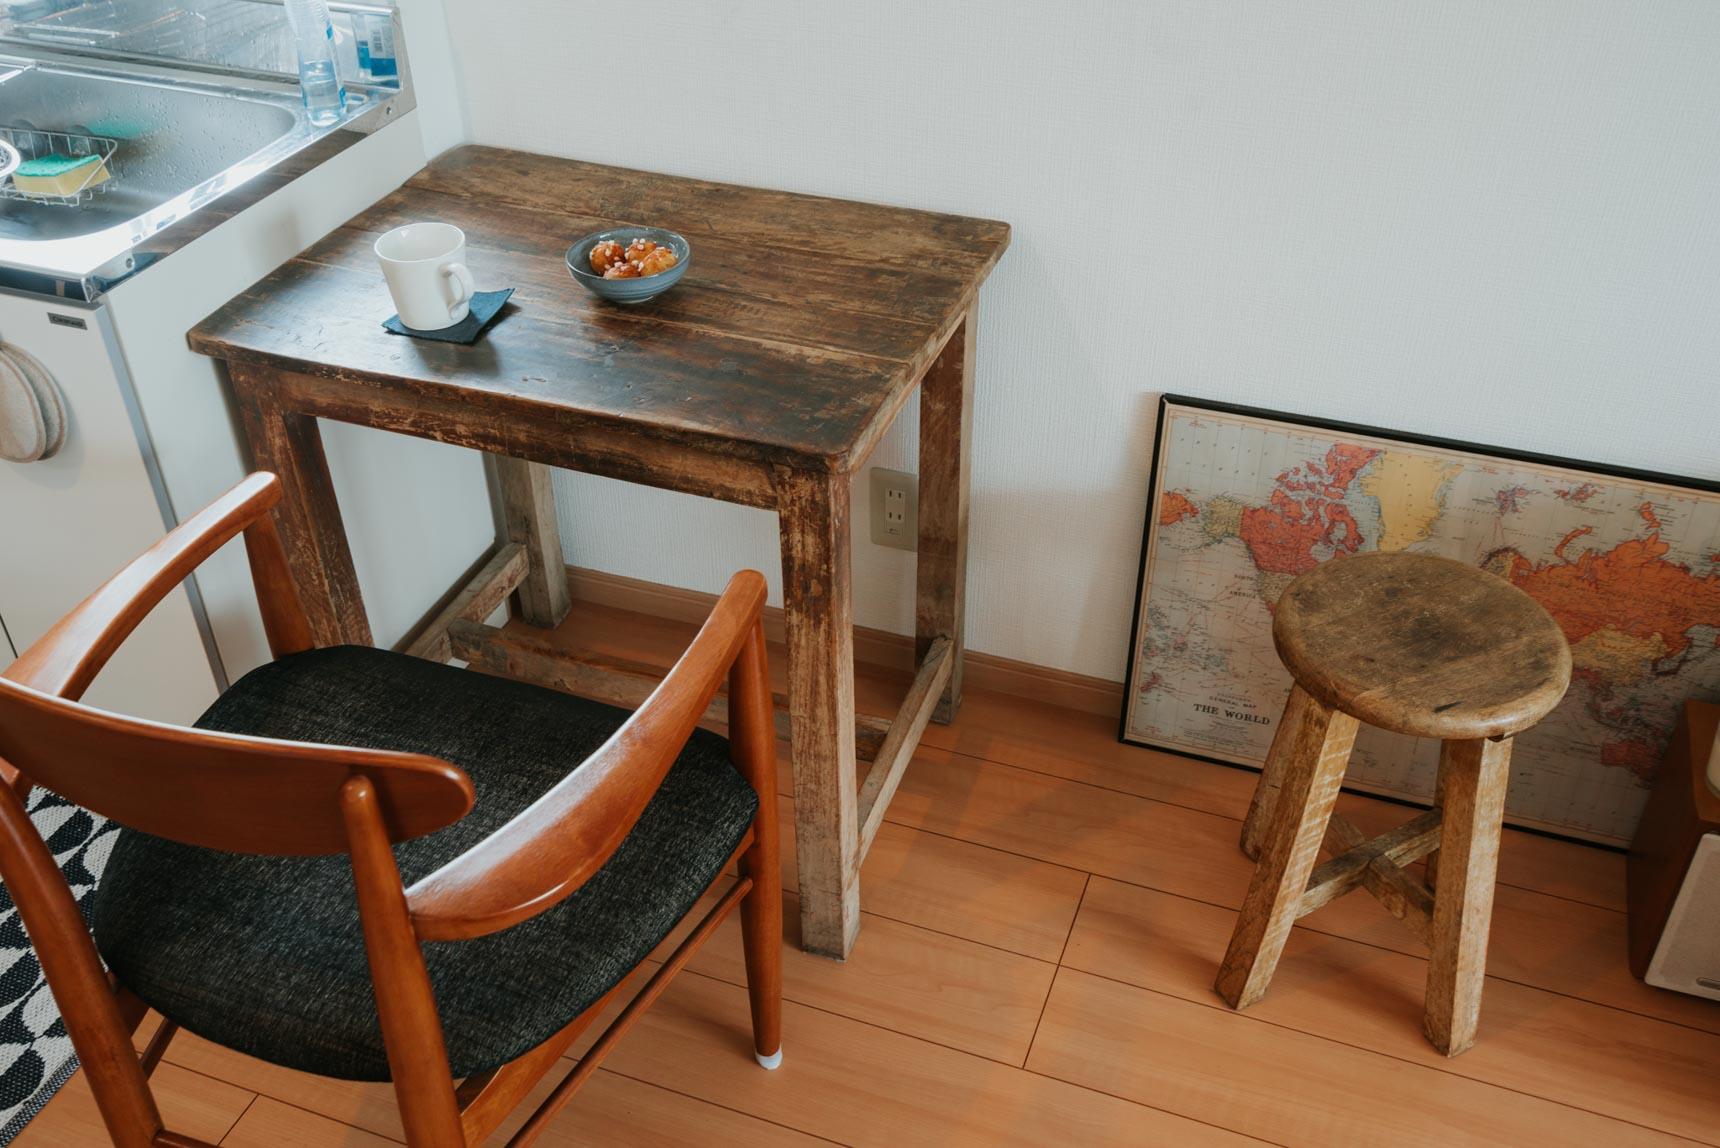 食事をする時は小さなダイニングテーブルやスツールと合わせて。